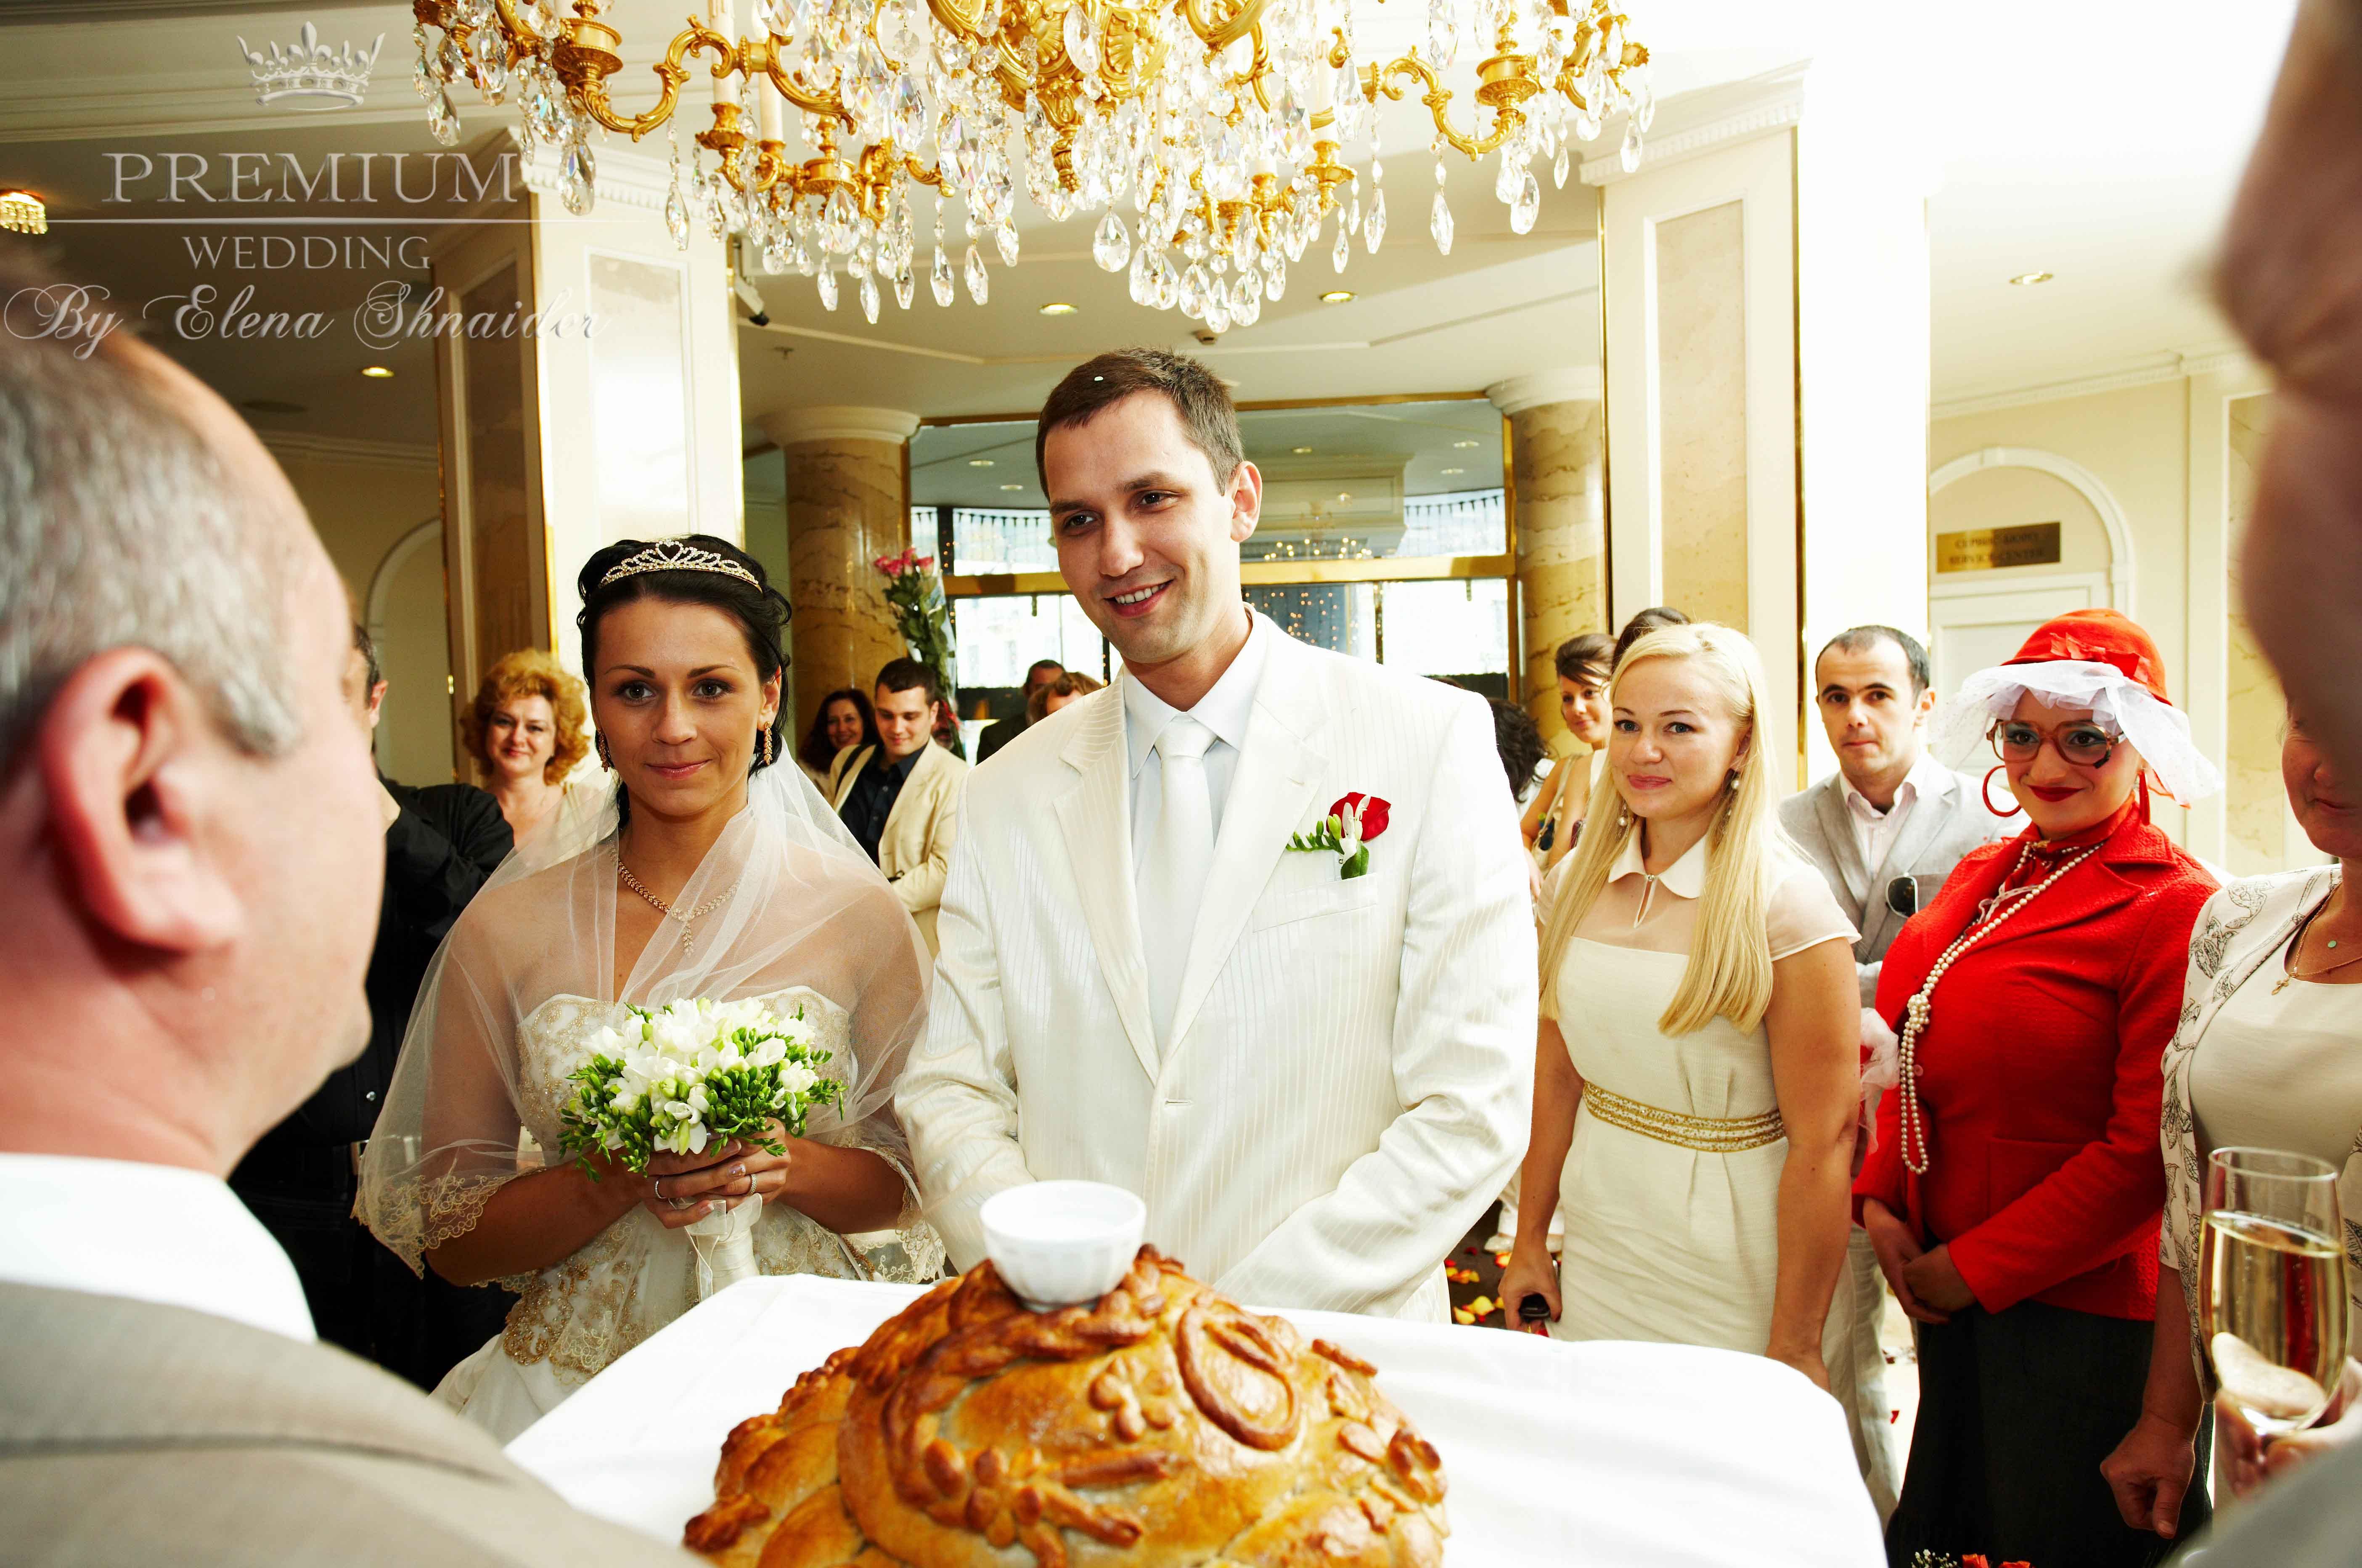 Поздравление на свадьбу от мамы жениха с караваем